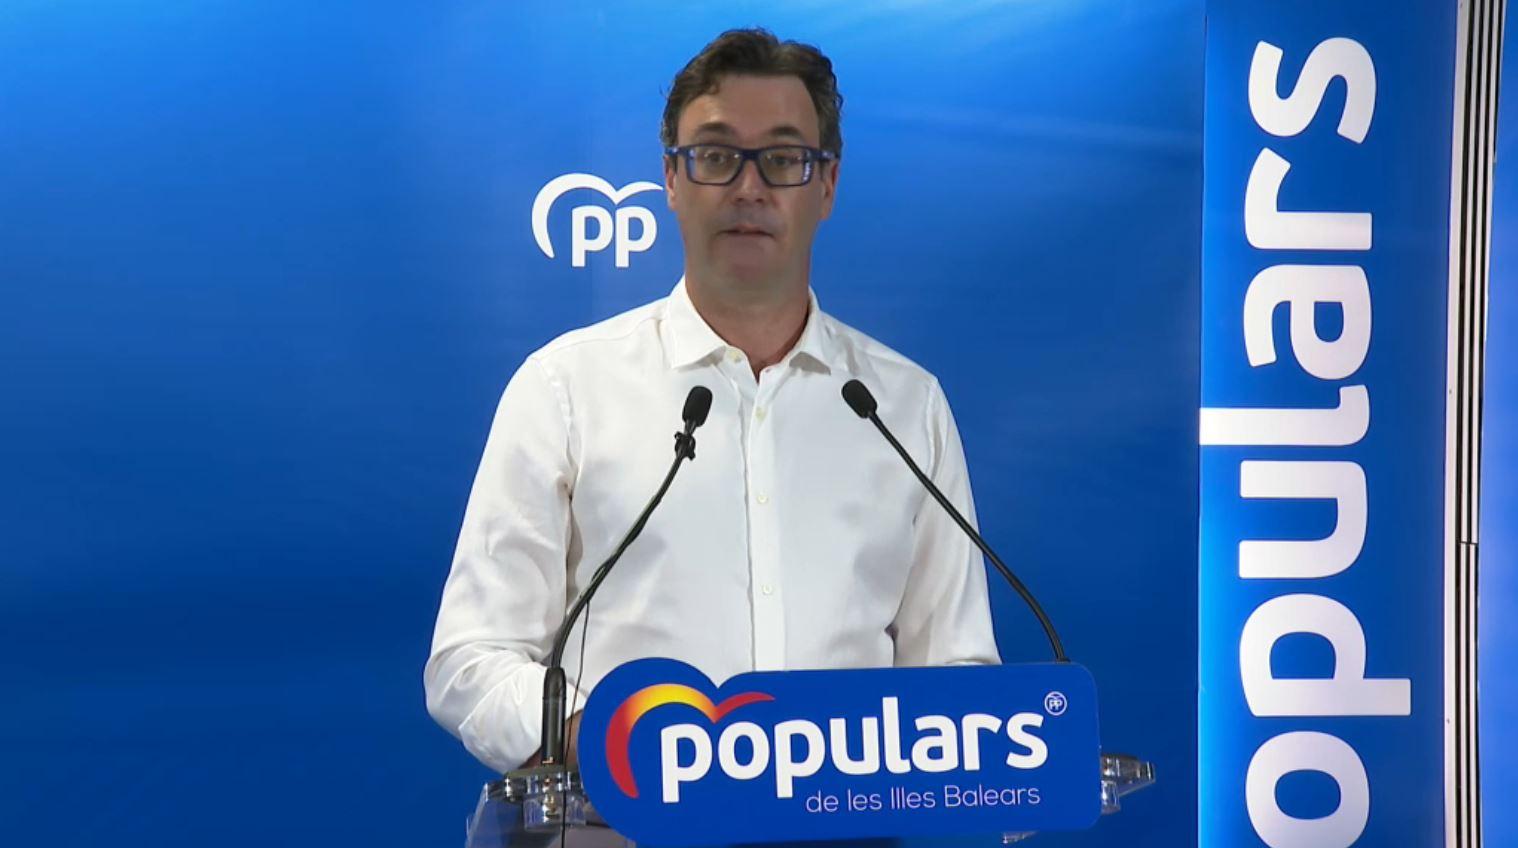 El+PP+proposar%C3%A0+reprobar+a+la+ministra+Montero+per+no+tenir+en+compte+el+REB+als+pressupostos